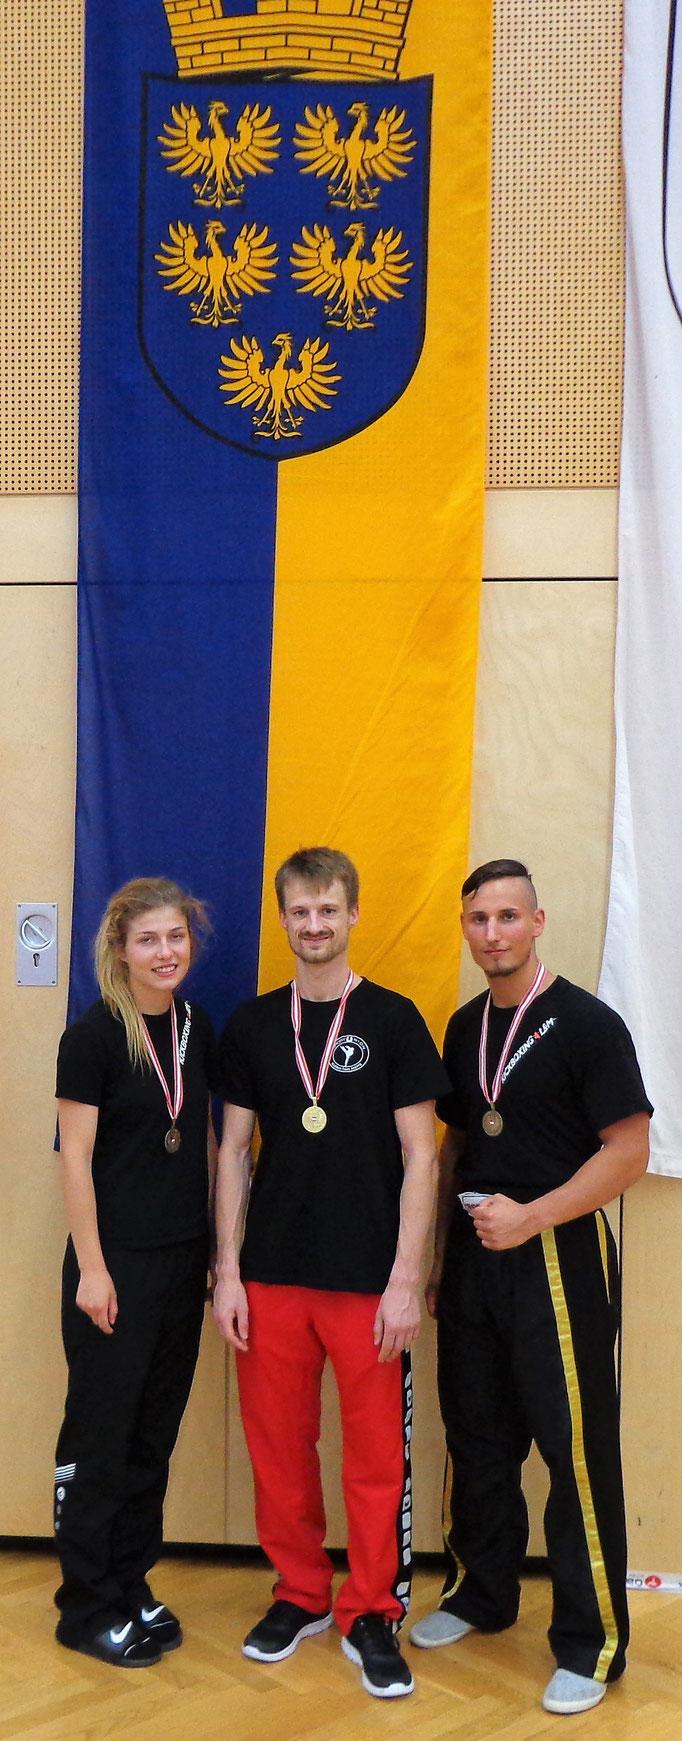 Kickboxen Wettkampf Wiener Neustadt Kickboxing 4 L&M Staatsmeisterschaft